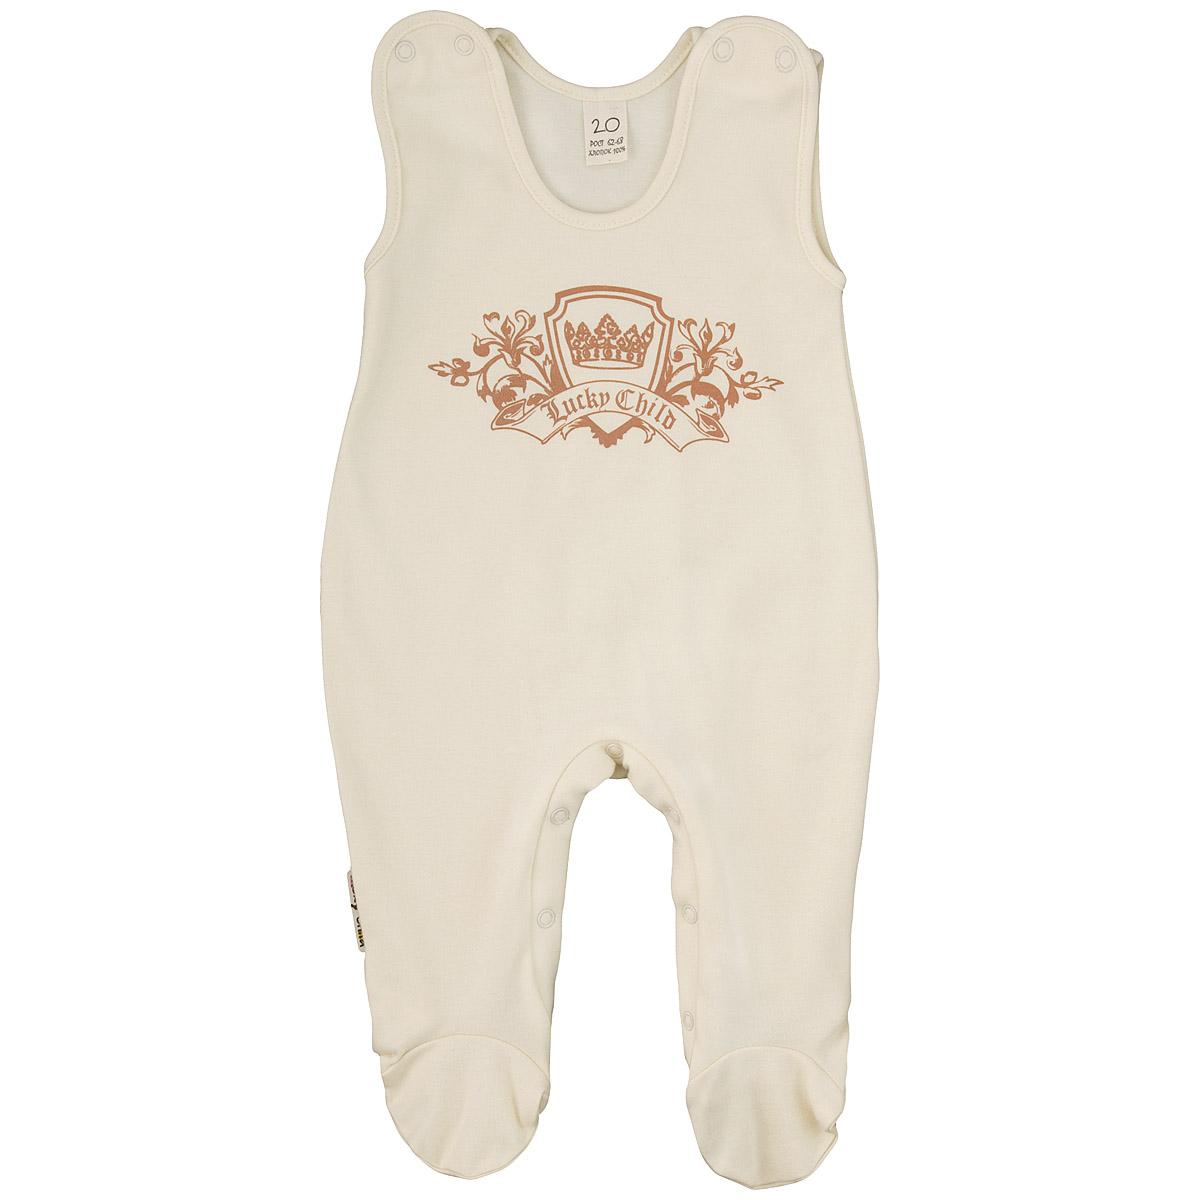 Ползунки6-2Ползунки с грудкой Lucky Child - очень удобный и практичный вид одежды для малышей. Они отлично сочетаются с футболками и кофточками. Ползунки выполнены из интерлока - натурального хлопка, благодаря чему они необычайно мягкие и приятные на ощупь, не раздражают нежную кожу ребенка и хорошо вентилируются, а эластичные швы приятны телу малыша и не препятствуют его движениям. Ползунки с закрытыми ножками, застегивающиеся сверху на кнопки, идеально подойдут вашему малышу, обеспечивая ему наибольший комфорт, подходят для ношения с подгузником и без него. Кнопки на ластовице помогают легко и без труда поменять подгузник в течение дня. На груди они оформлены оригинальным принтом в виде логотипа бренда. Ползунки с грудкой полностью соответствуют особенностям жизни малыша в ранний период, не стесняя и не ограничивая его в движениях!